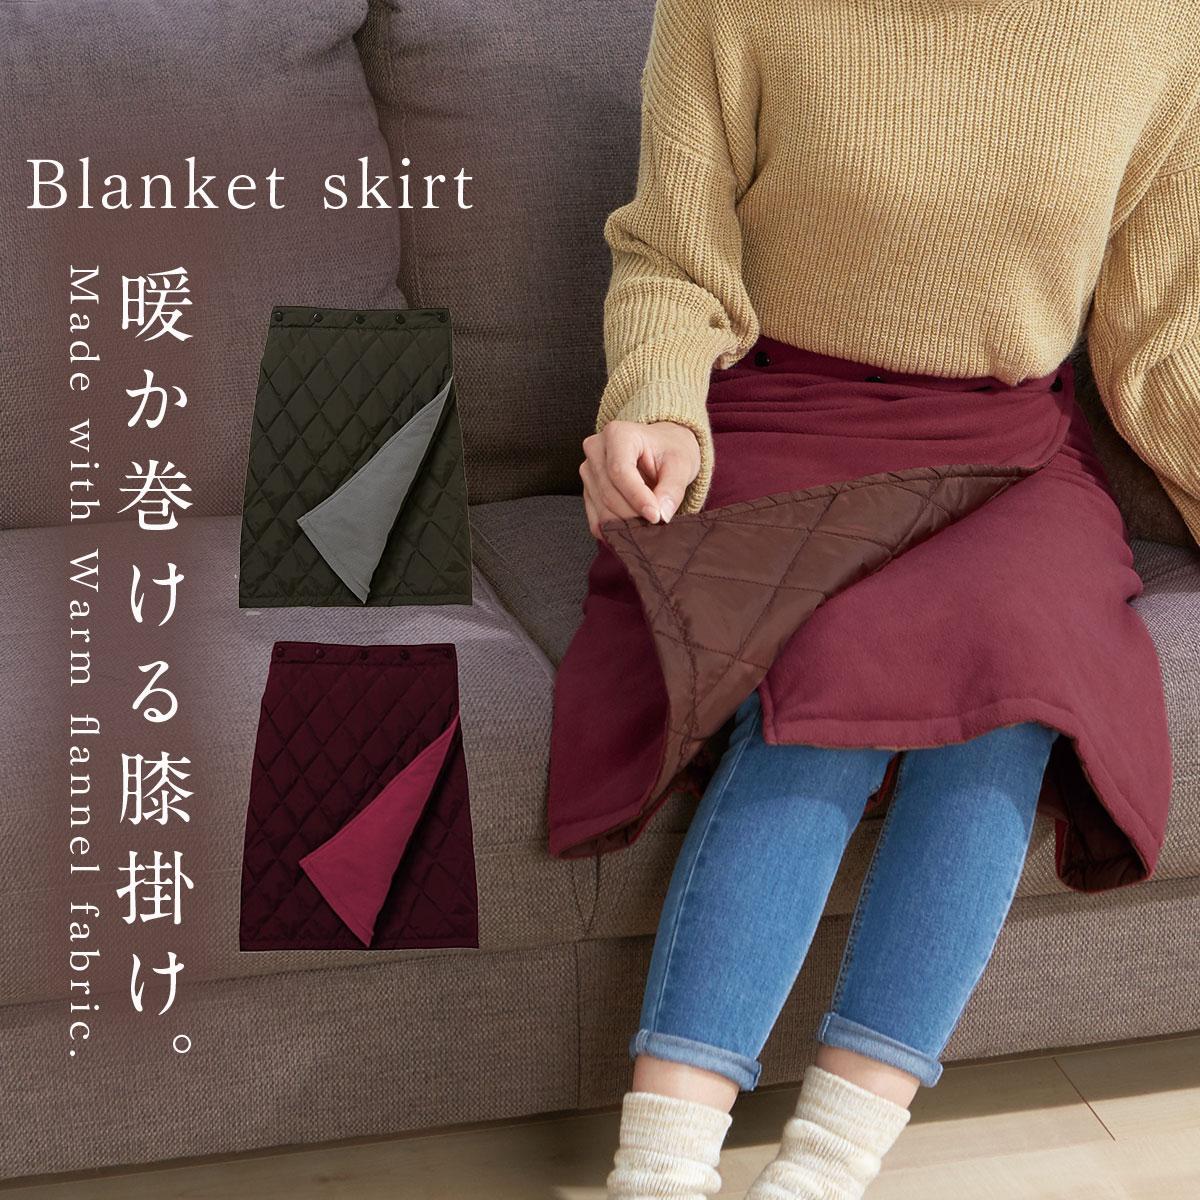 スカート あったか 巻きスカート 防寒 中綿キルトリバーシブル巻きスカート